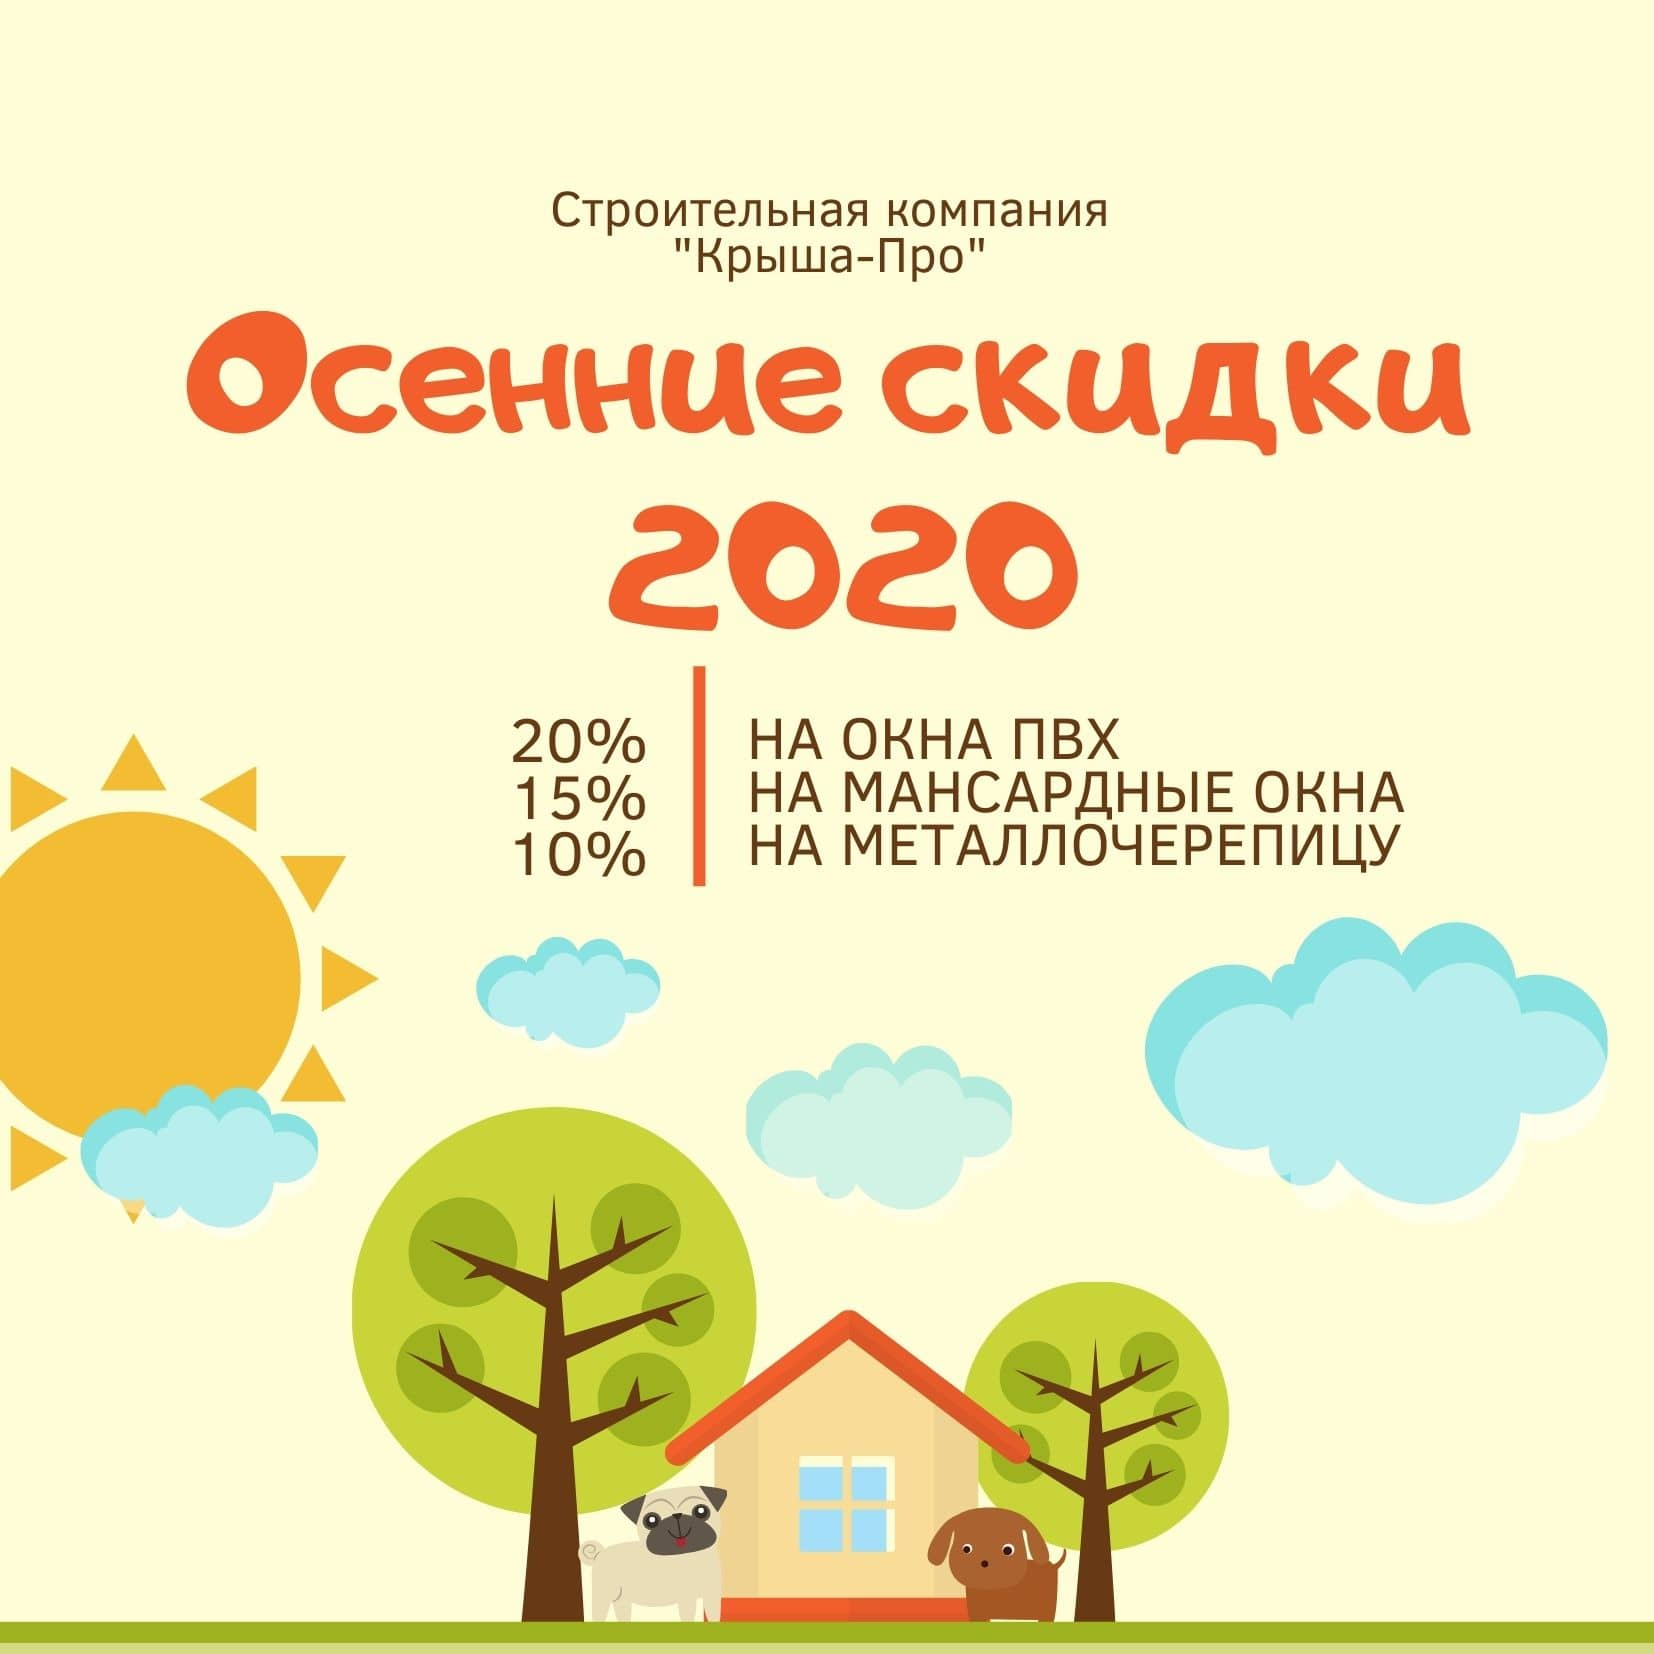 """Скидки и акции осенью 2020 года в компании """"Крыша-Про"""", фото"""